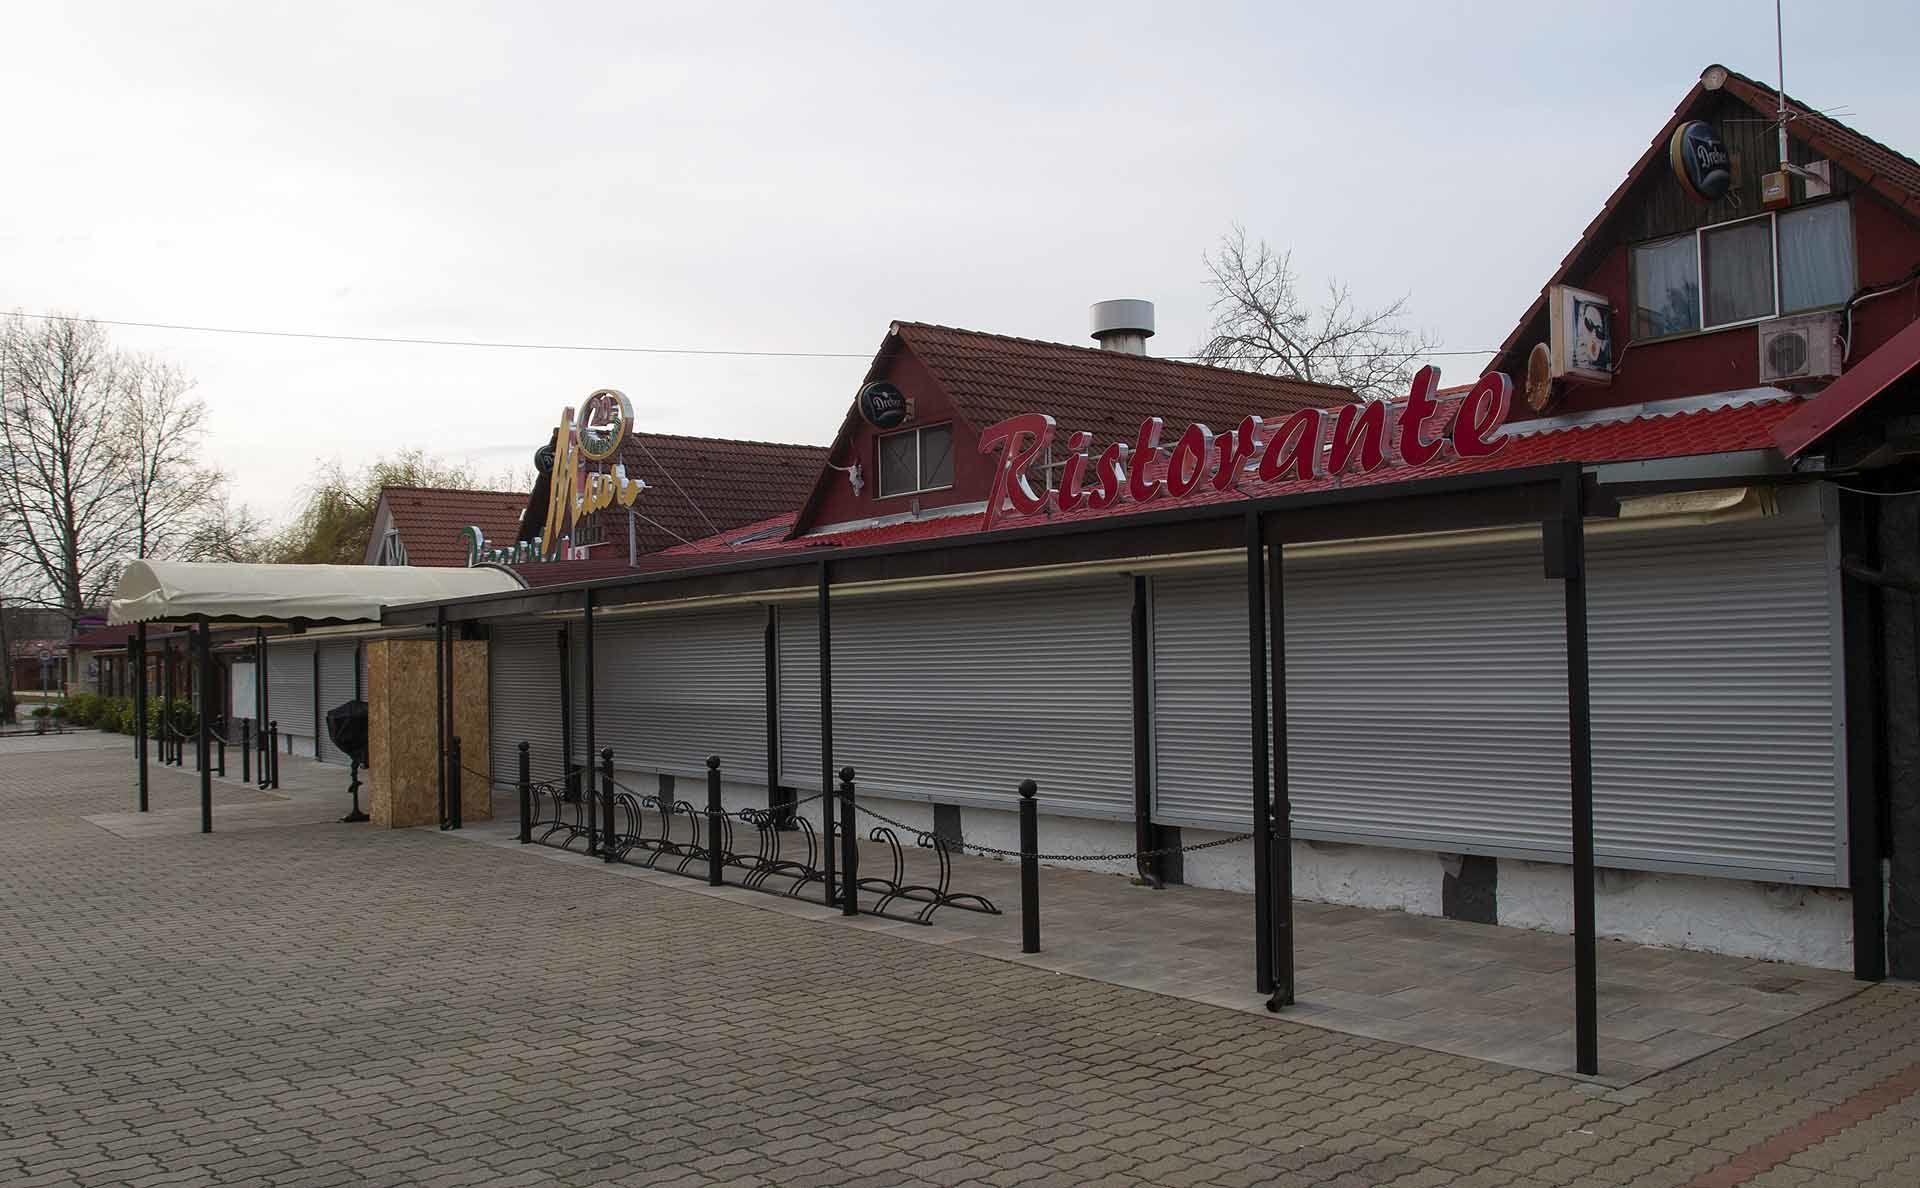 Zamárdi leghíresebb, indokolatlanul magasztalt étterme, a Mauro homlokzata. Minden év márciusában kiírják a pontos nyitást, idén még nincs kint tábla. / A szerző felvétele